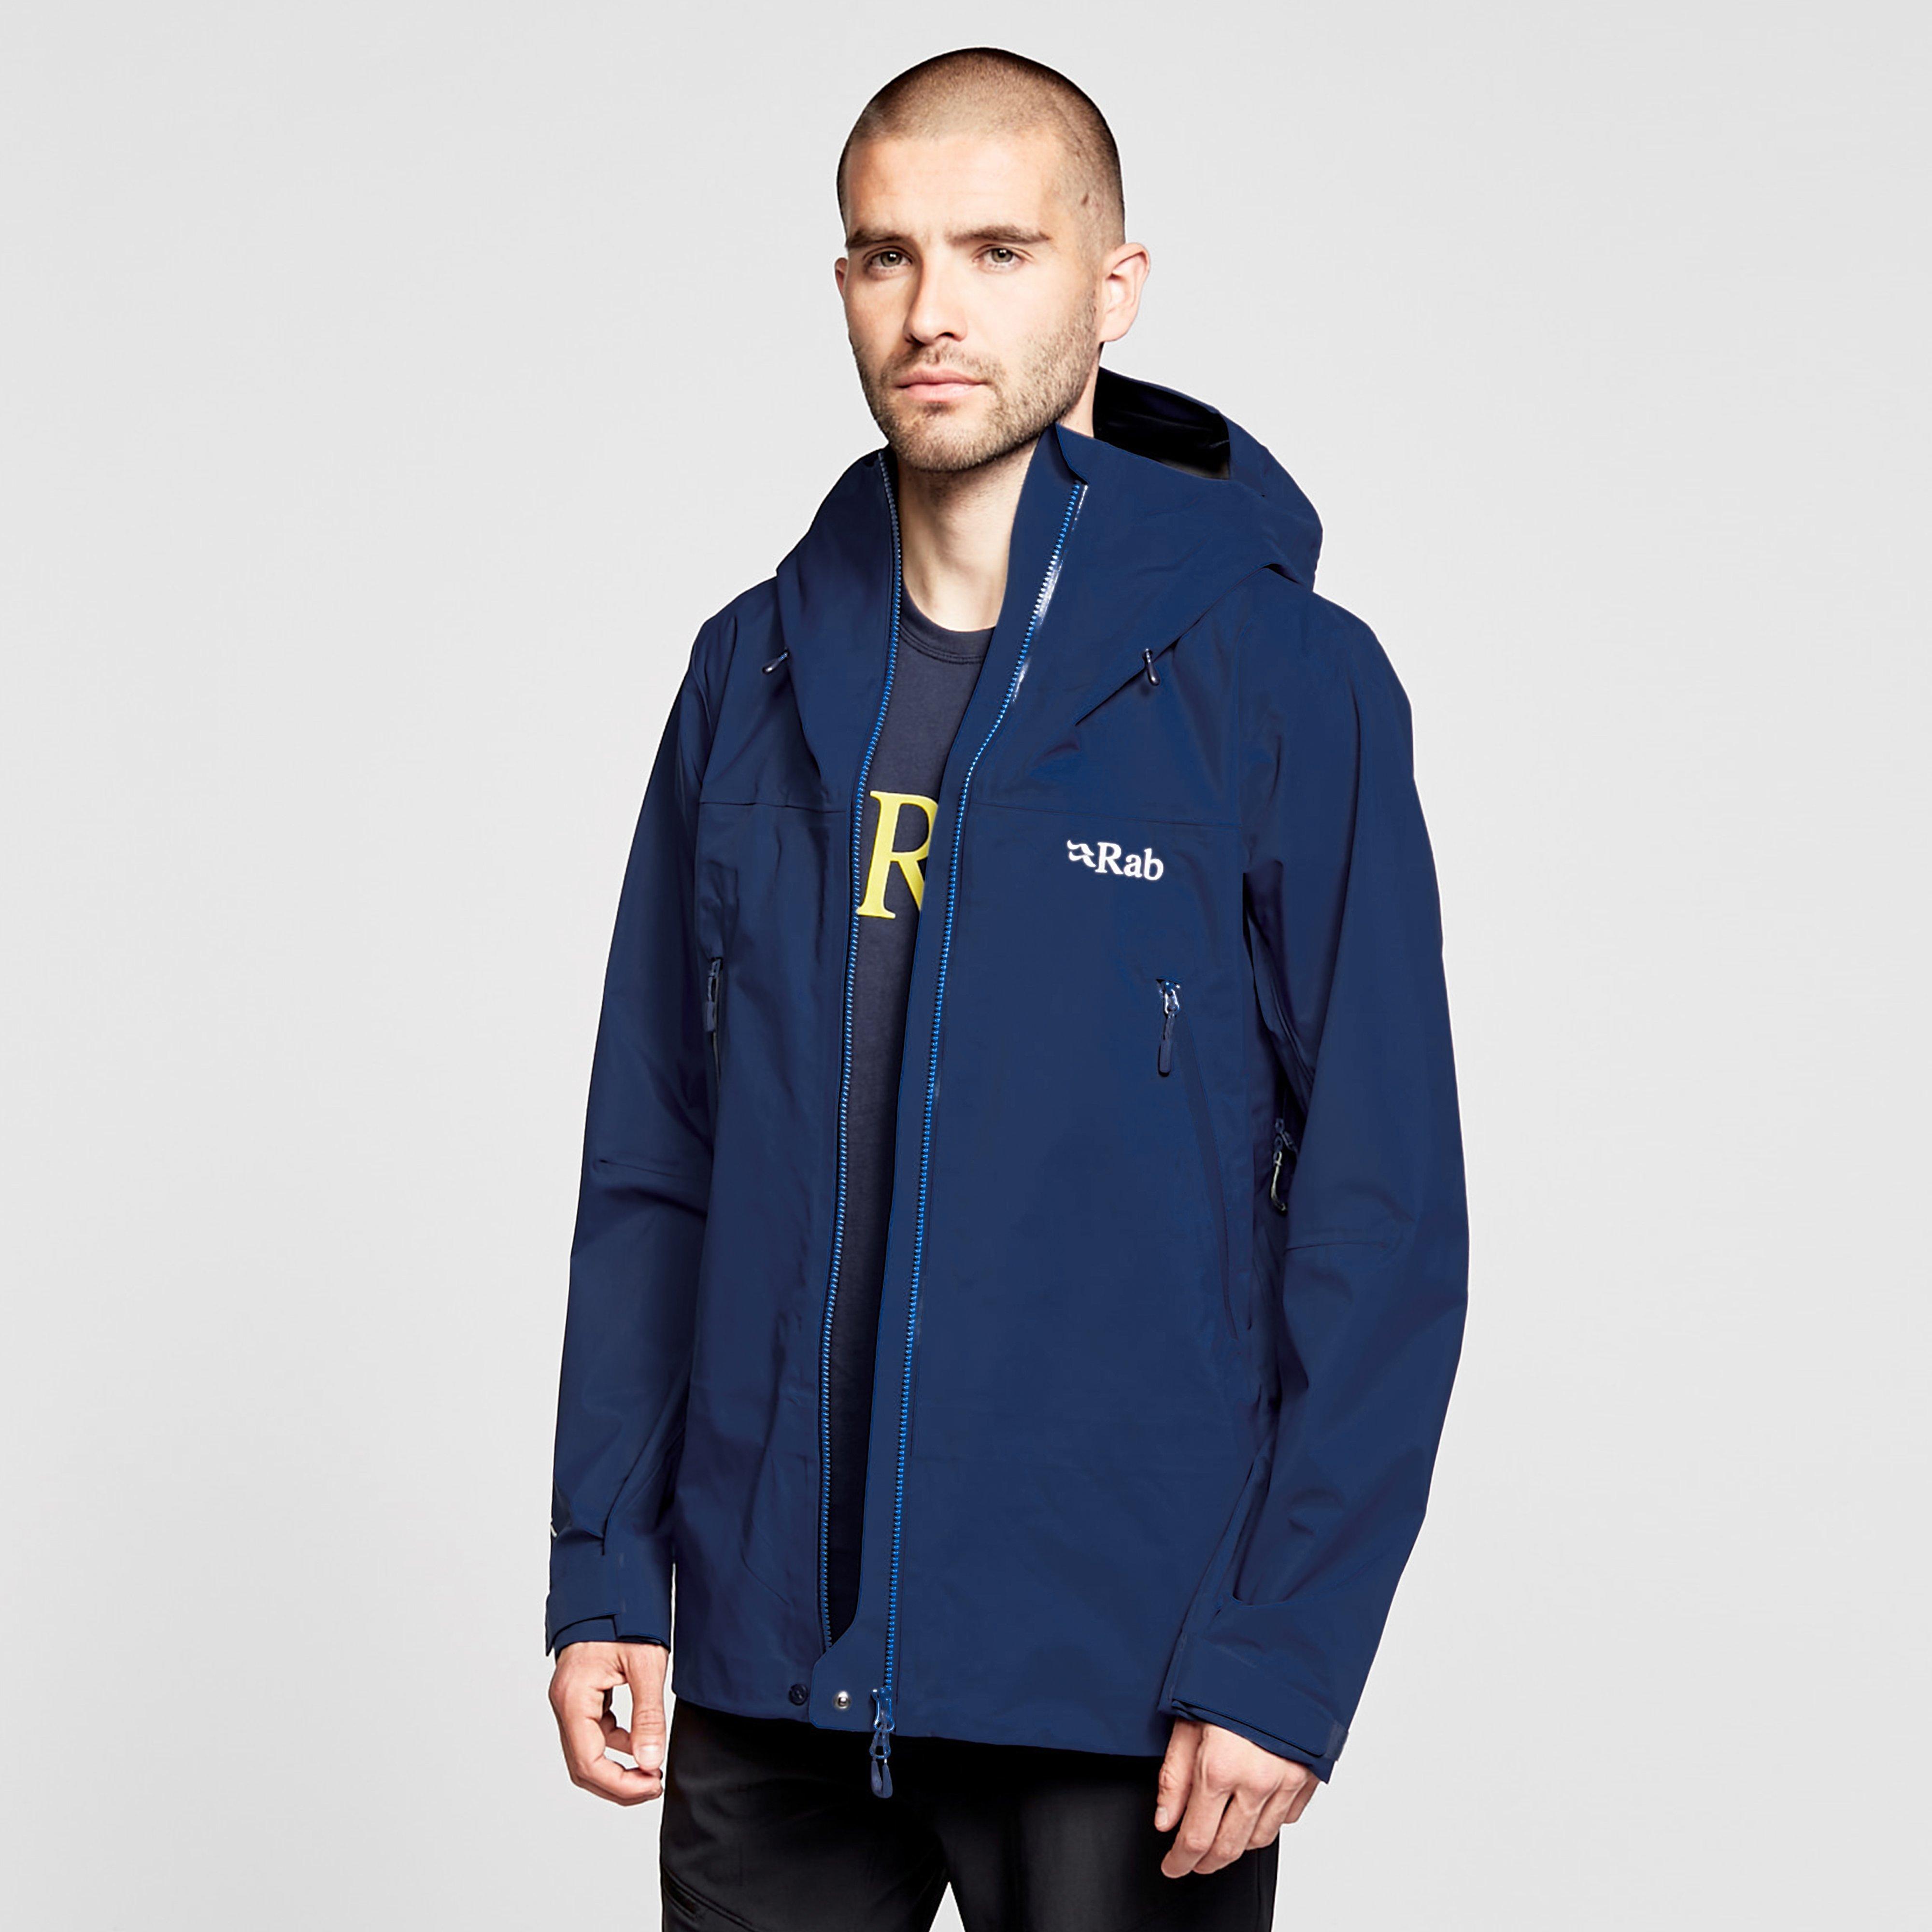 Rab Rab Mens Kangri GTX Waterproof Jacket - N/A, N/A